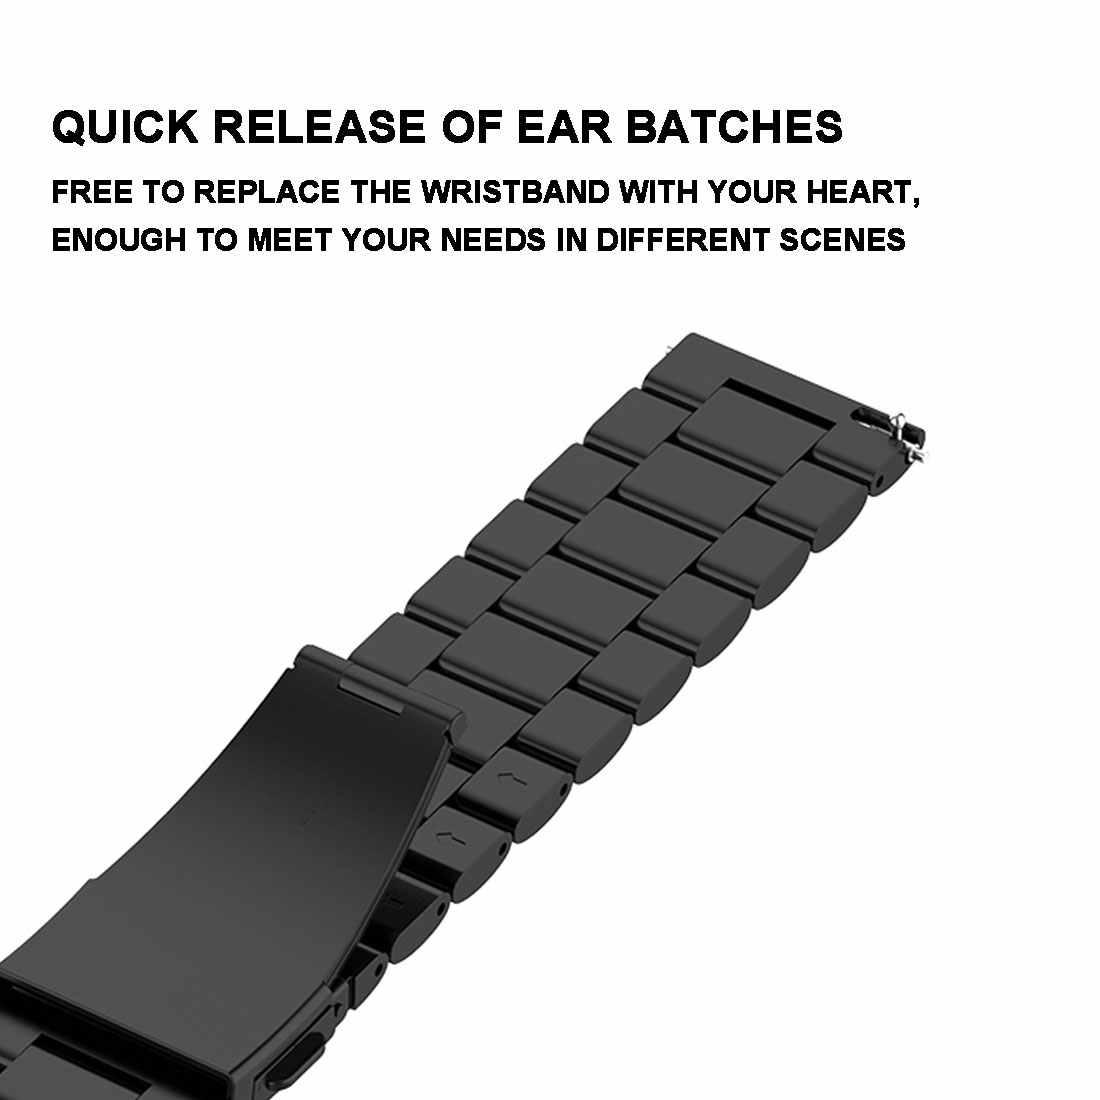 Correa de Metal de repuesto para Xiaomi Huami Amazfit Bip BIT Lite Youth Smart Watch pulsera de muñeca portátil correa de reloj 20mm